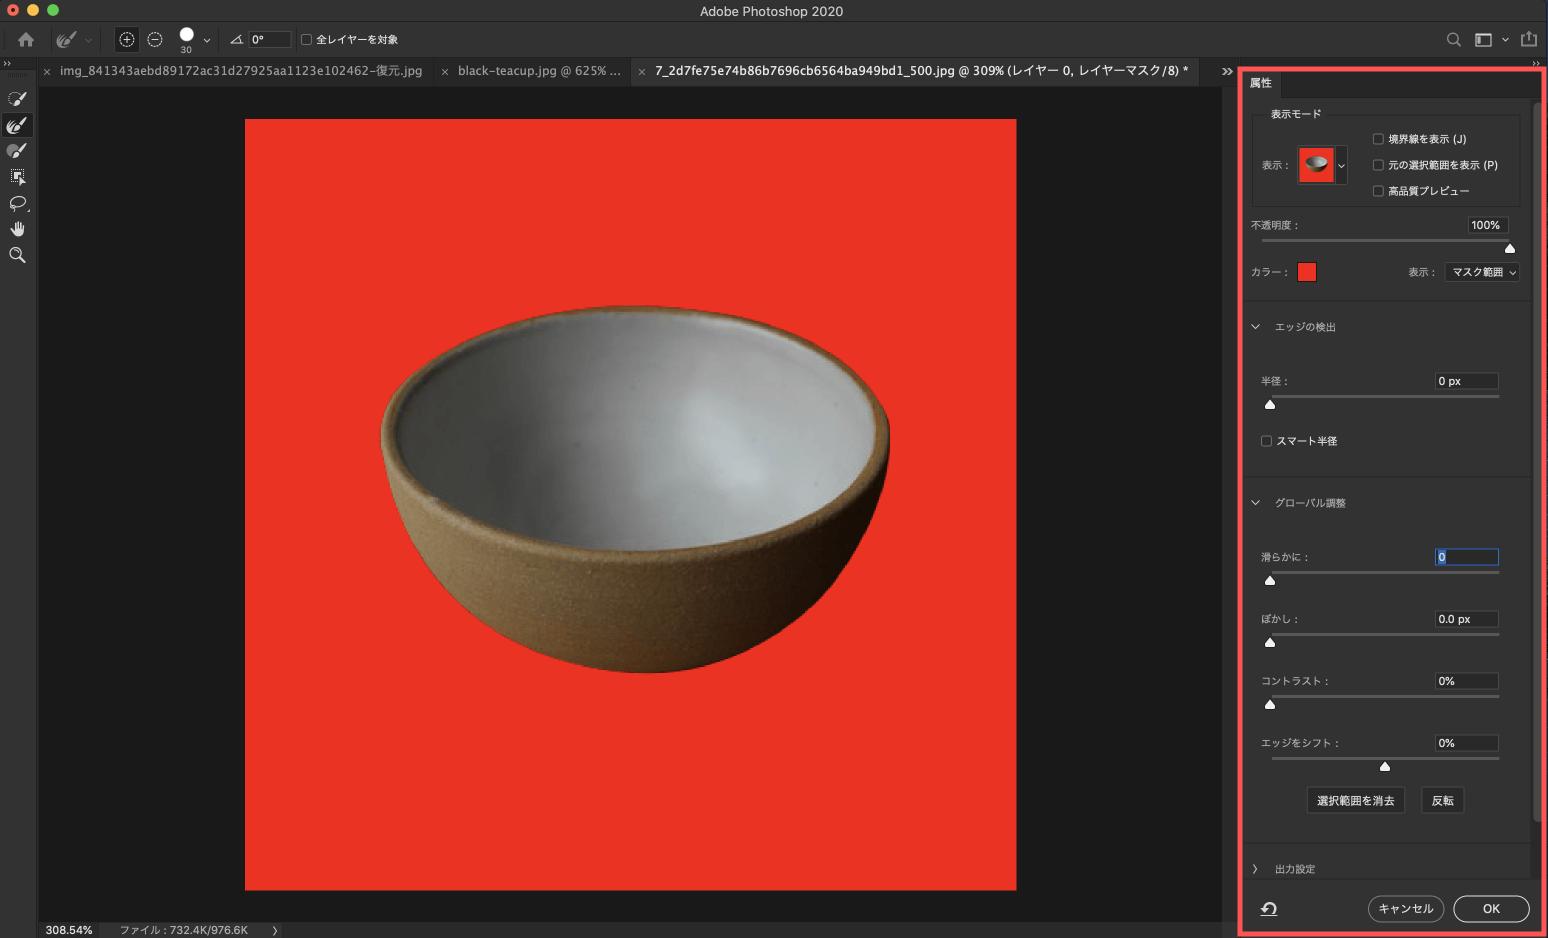 Adobe CC Photoshop フォトショップ 切り抜き 髪の毛 簡単 切り抜き 自動選択ツール 選択とマスクの調整メニュー